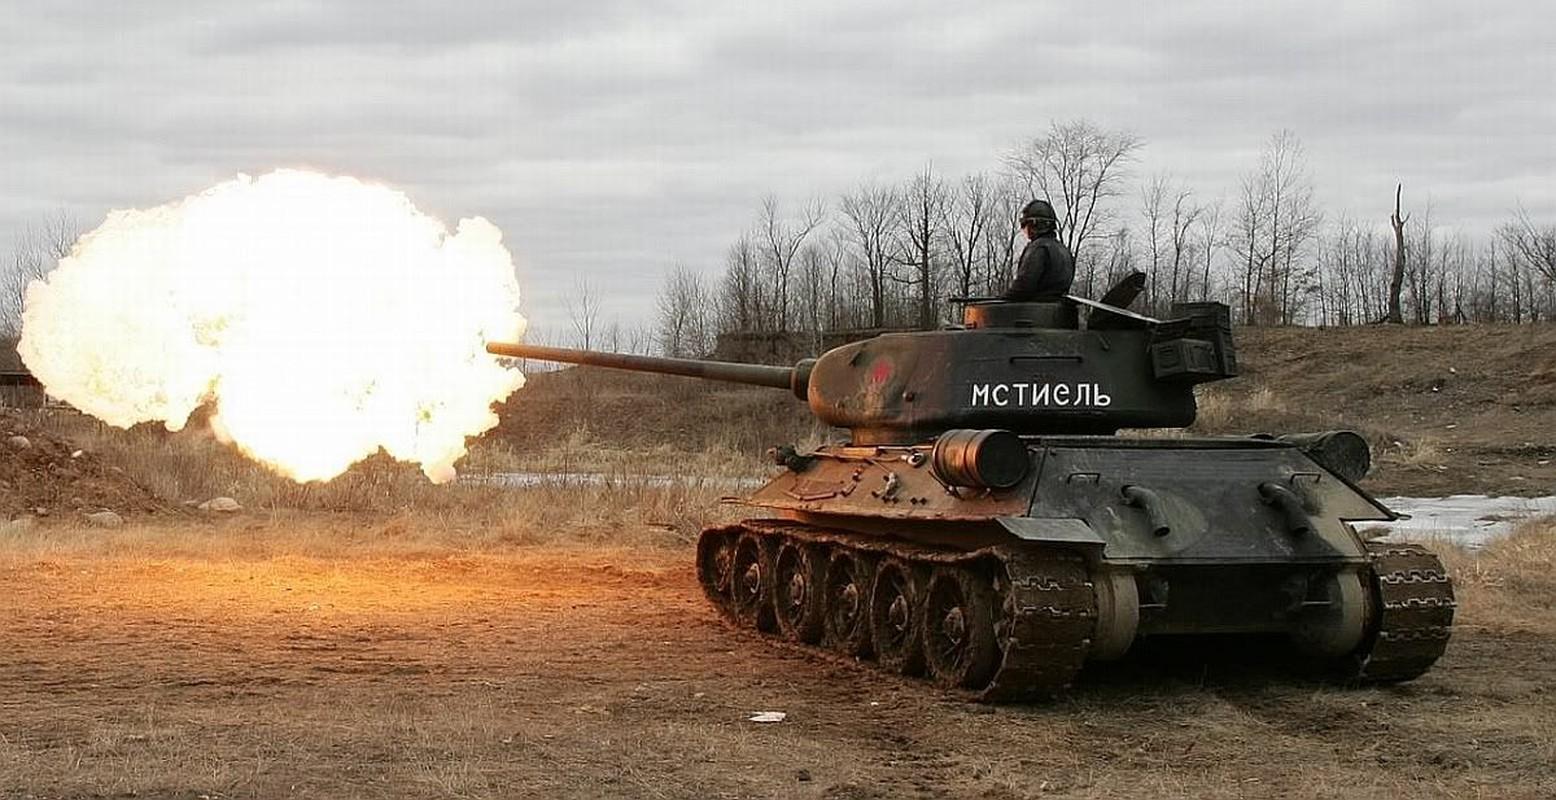 Xe tang T-34 tu Lao chuan bi cho duyet binh o Nga-Hinh-9